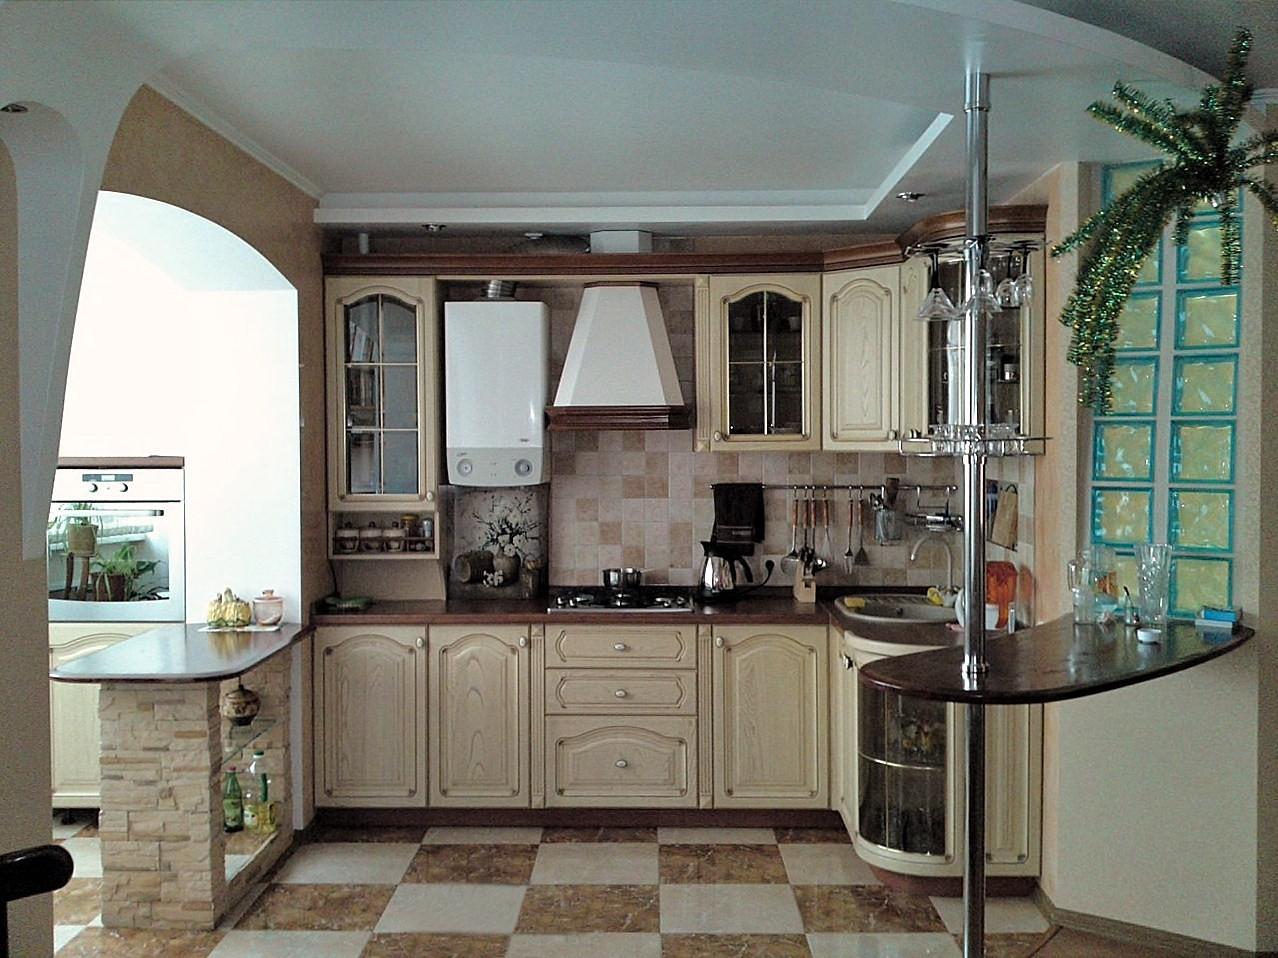 встречаются камчатке ремонт балкон совмещенный с кухней фото наиболее